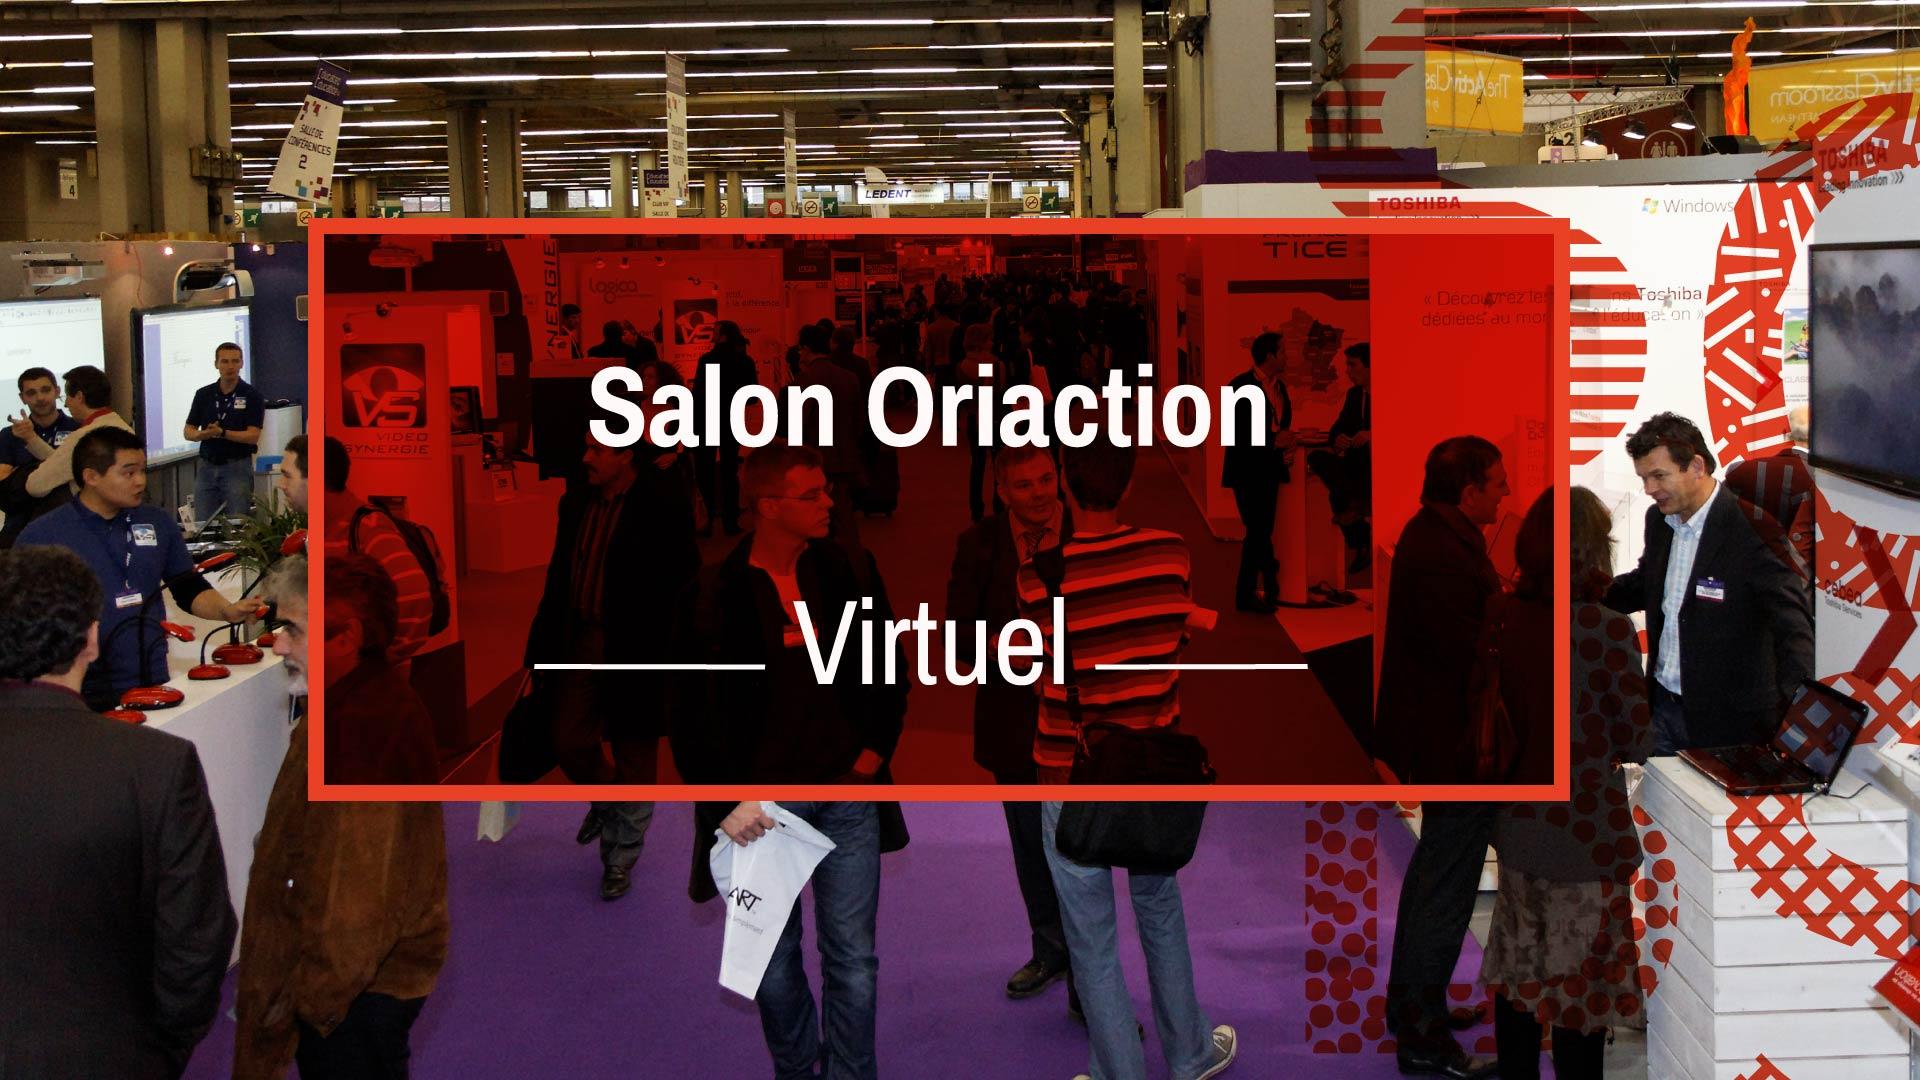 salon Oriaction-Virtuel